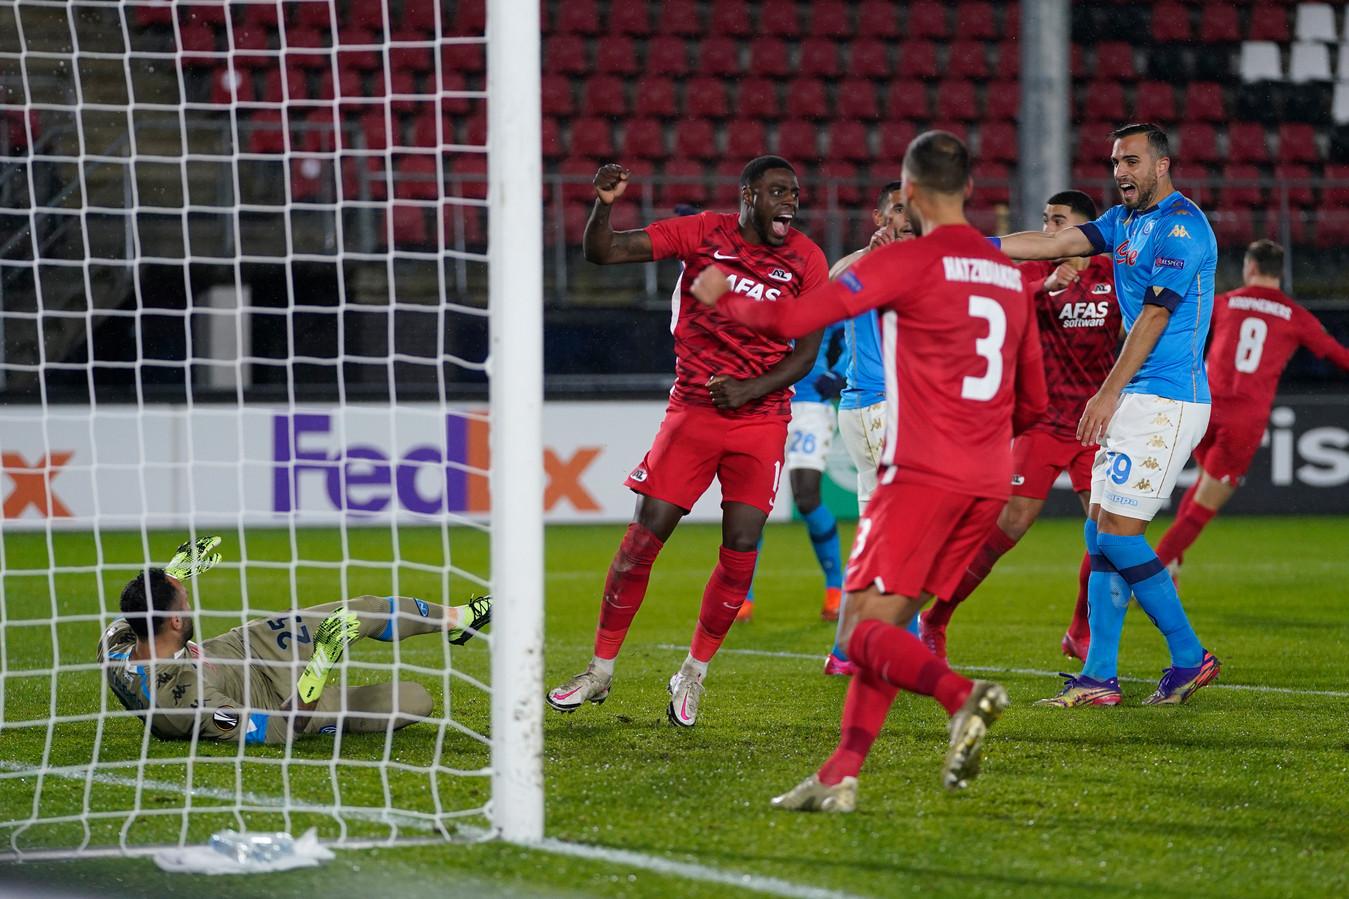 Bruno Martins Indi maakte gisteren alweer zijn tweede doelpunt in anderhalve week tijd.